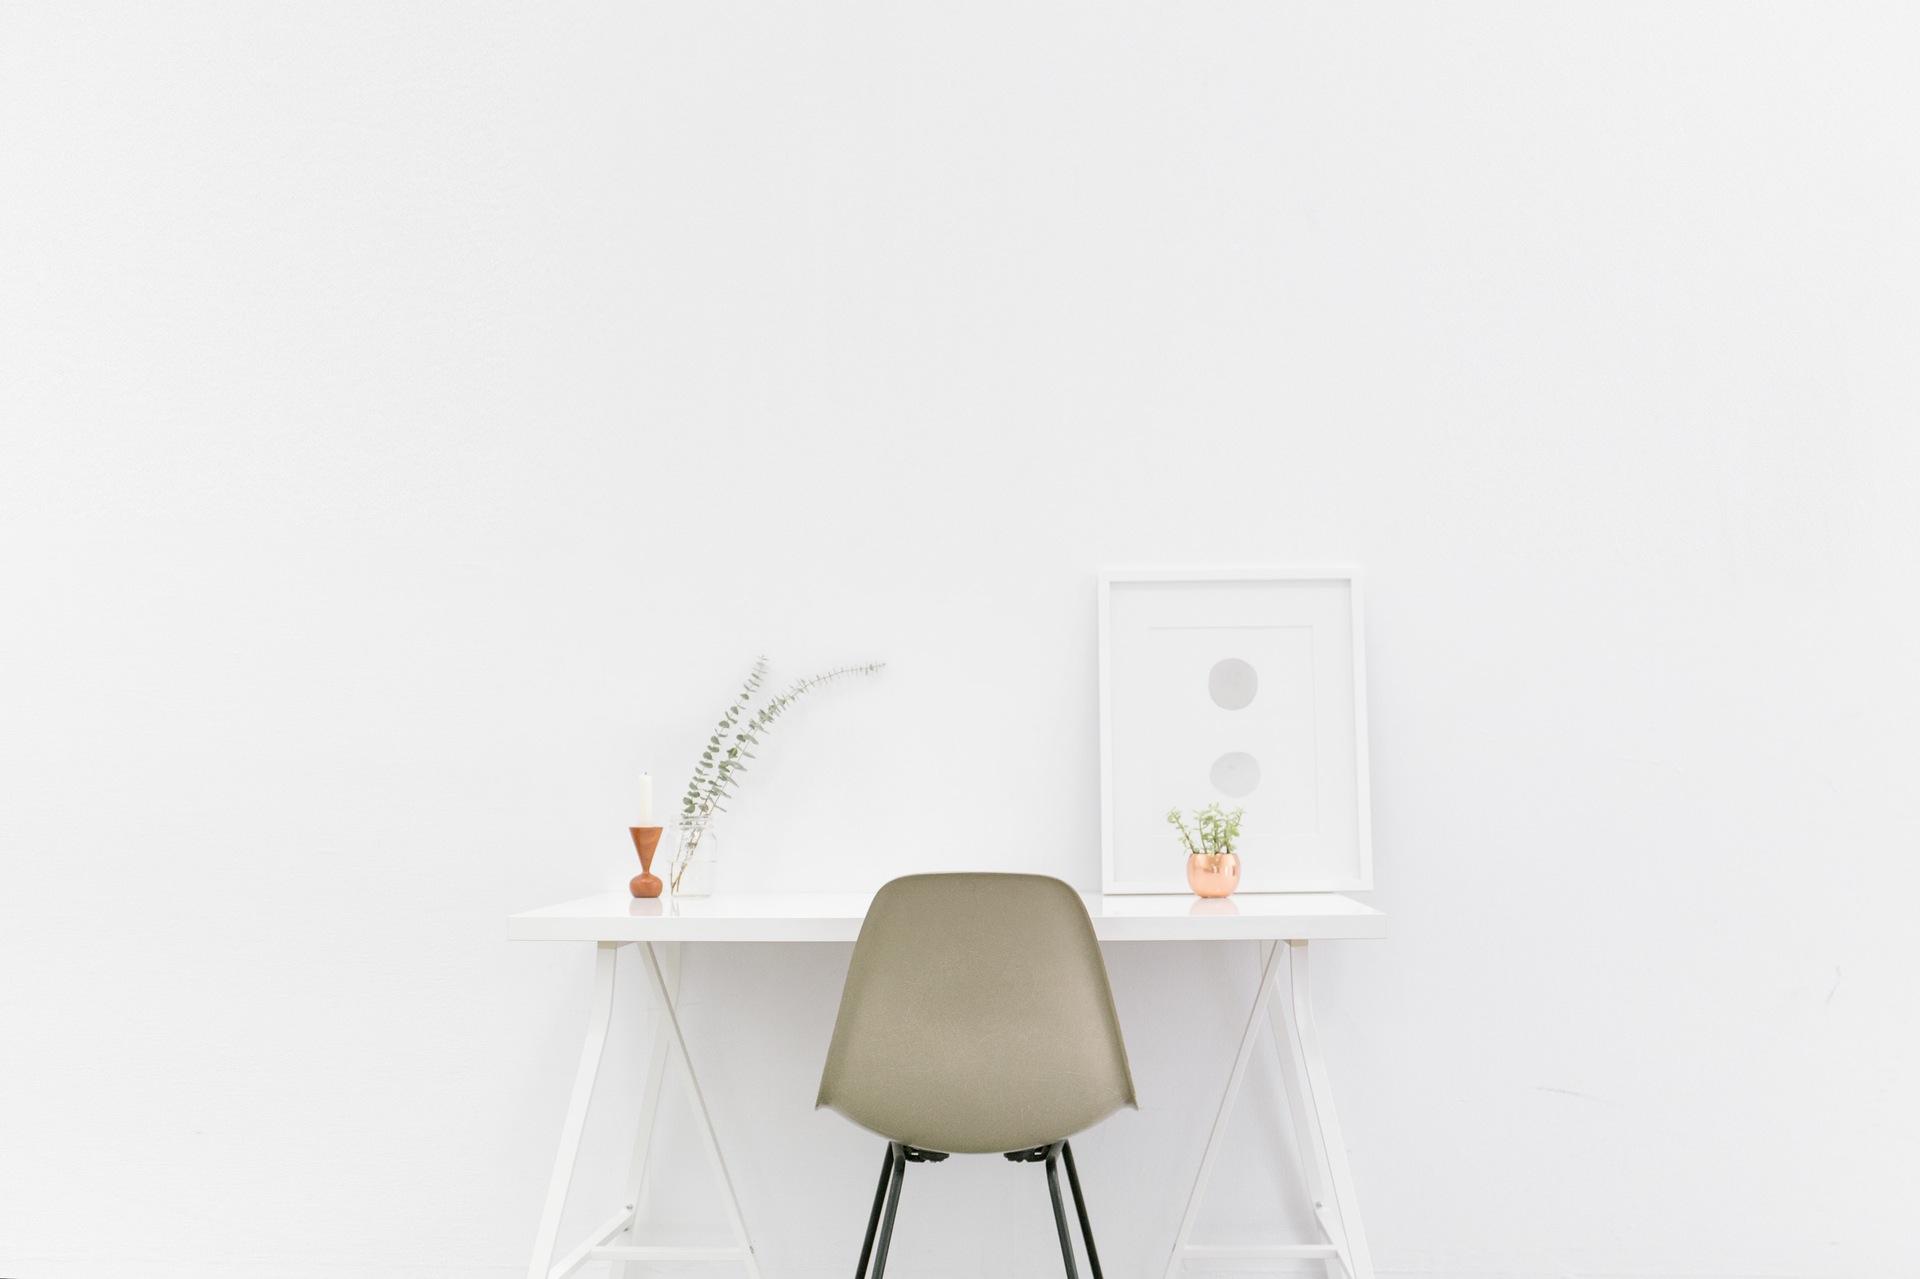 Επιφάνεια εργασίας, Δωμάτιο, Γραφείο, Καρέκλα, Τοίχου, Λευκό - Wallpapers HD - Professor-falken.com